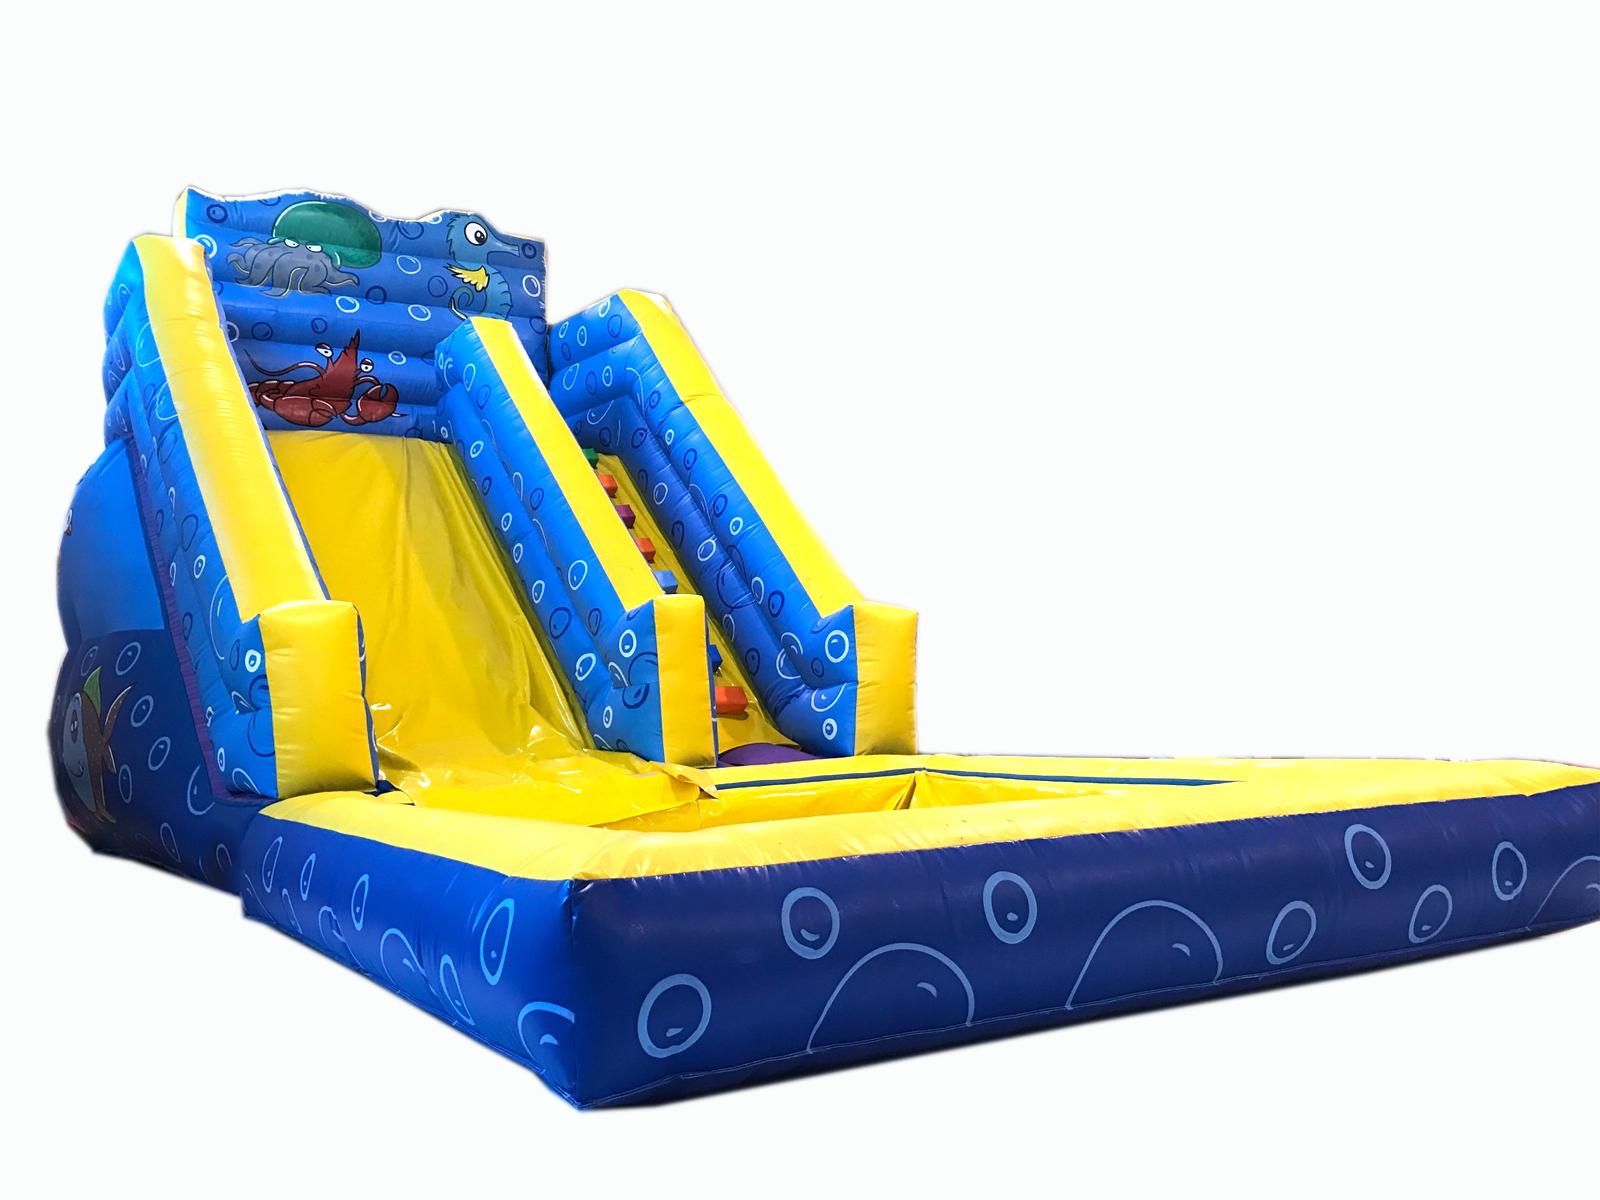 Hinchable acu tico cl sico con piscina grande for Piscinas hinchables grandes